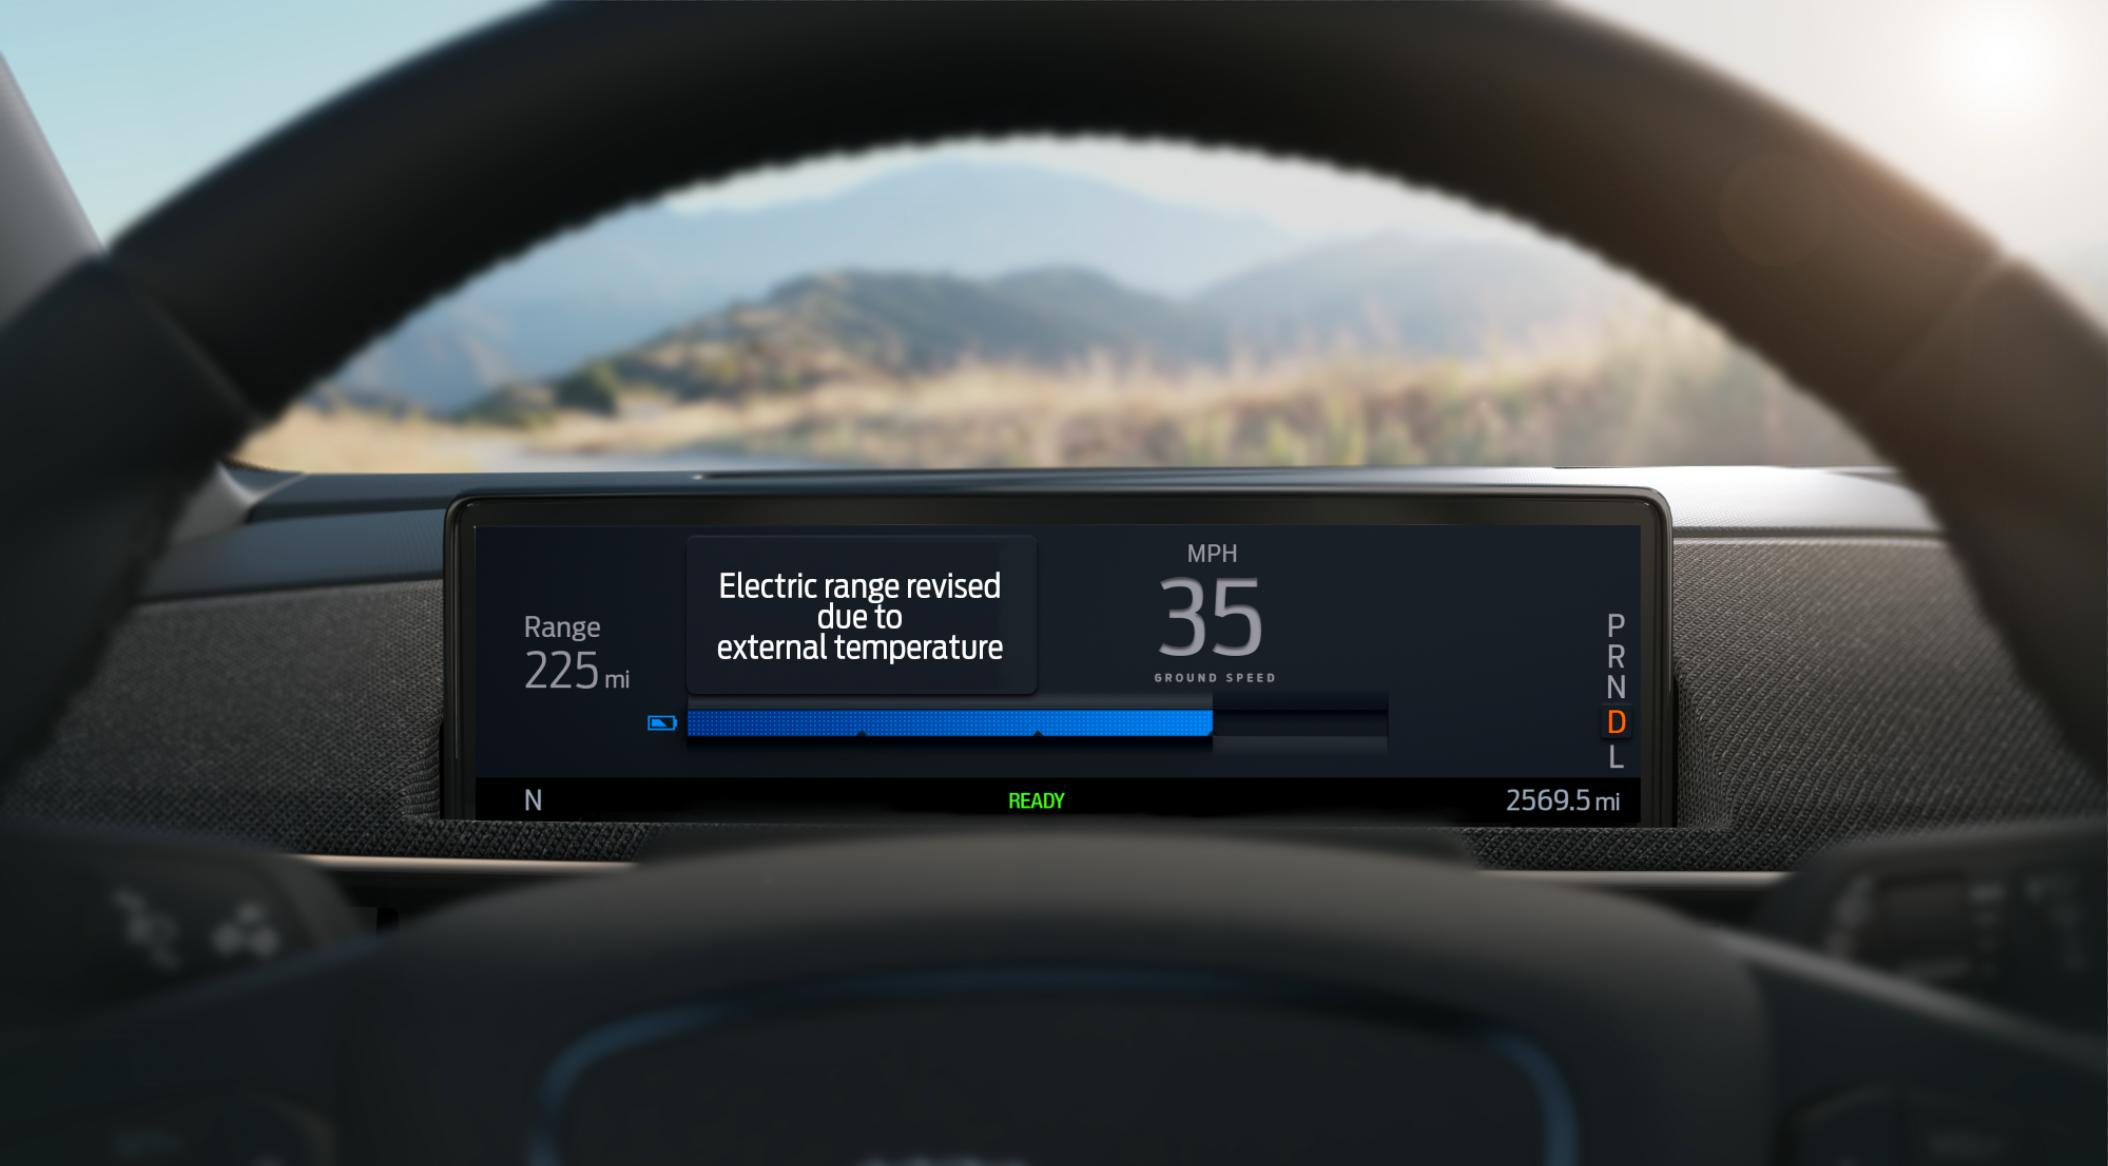 Fords rekkeviddeindikator på Mustang Mach-E vil bruke informasjon om topografi, temperatur og trafikkforhold for å estimere hvor langt du kan kjøre før batteriet er tomt.